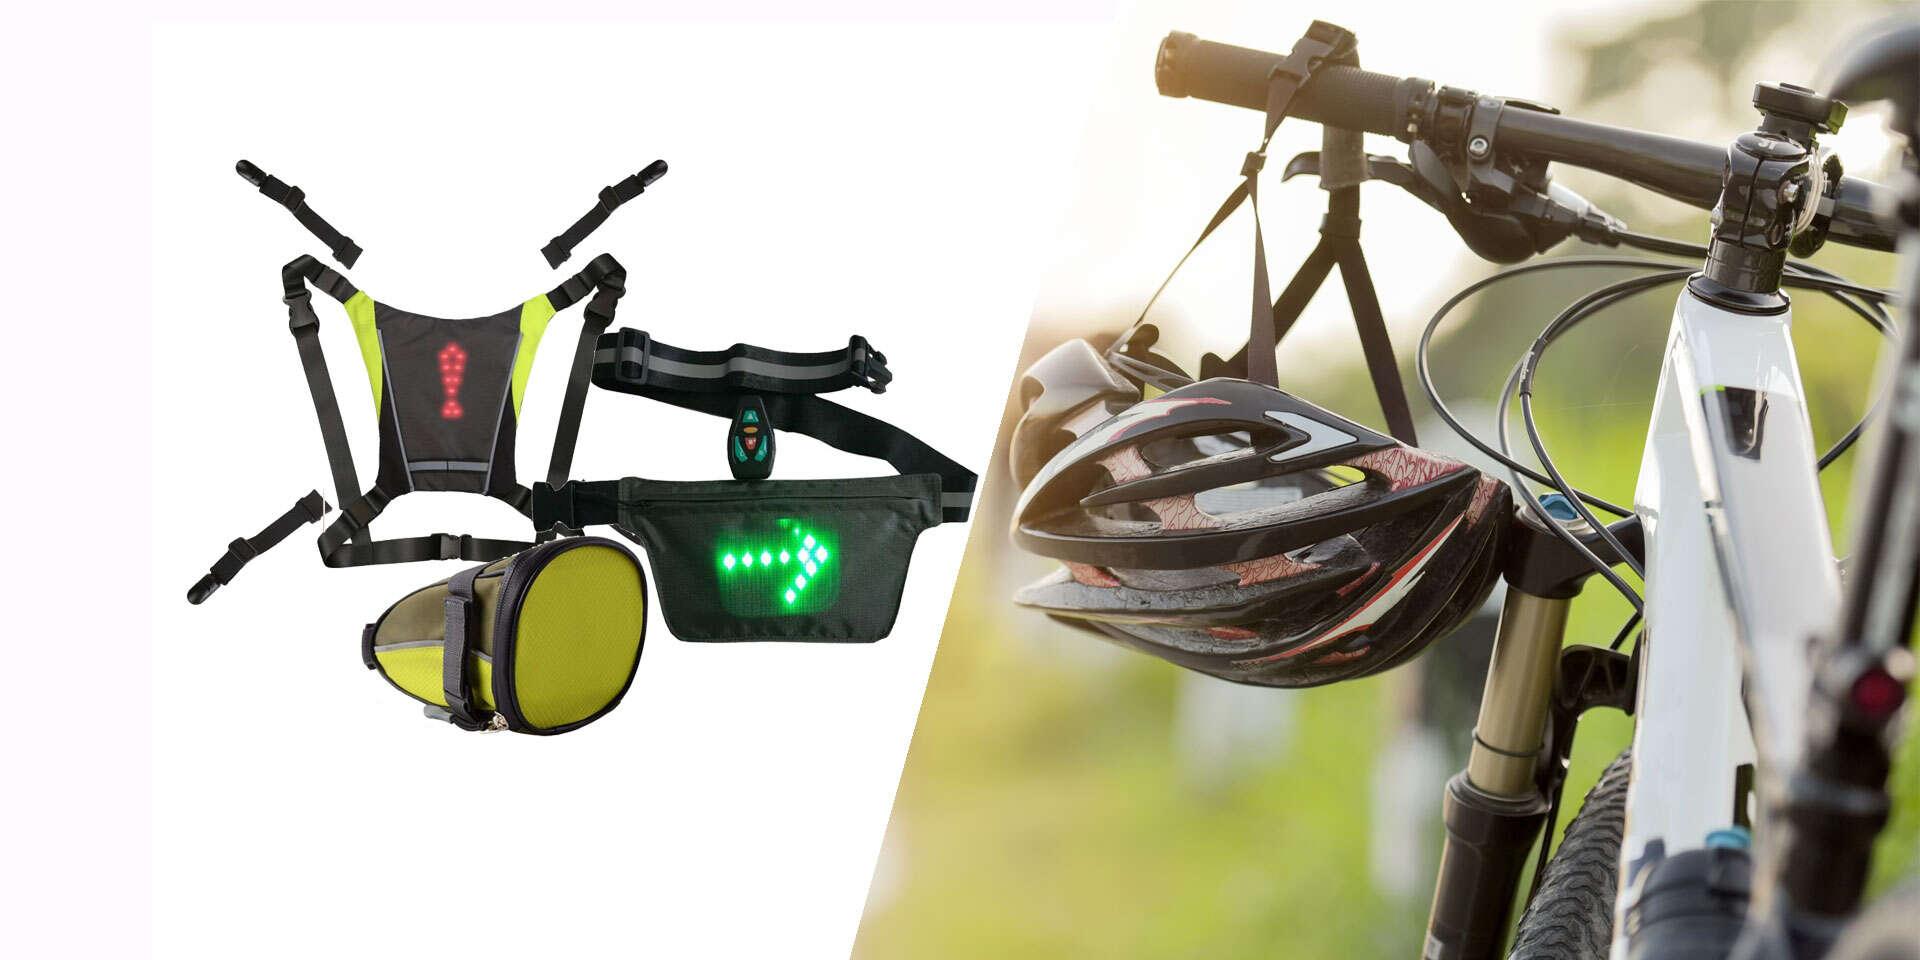 LED smerovky s diaľkovým ovládaním pre kolobežkárov a cyklistov